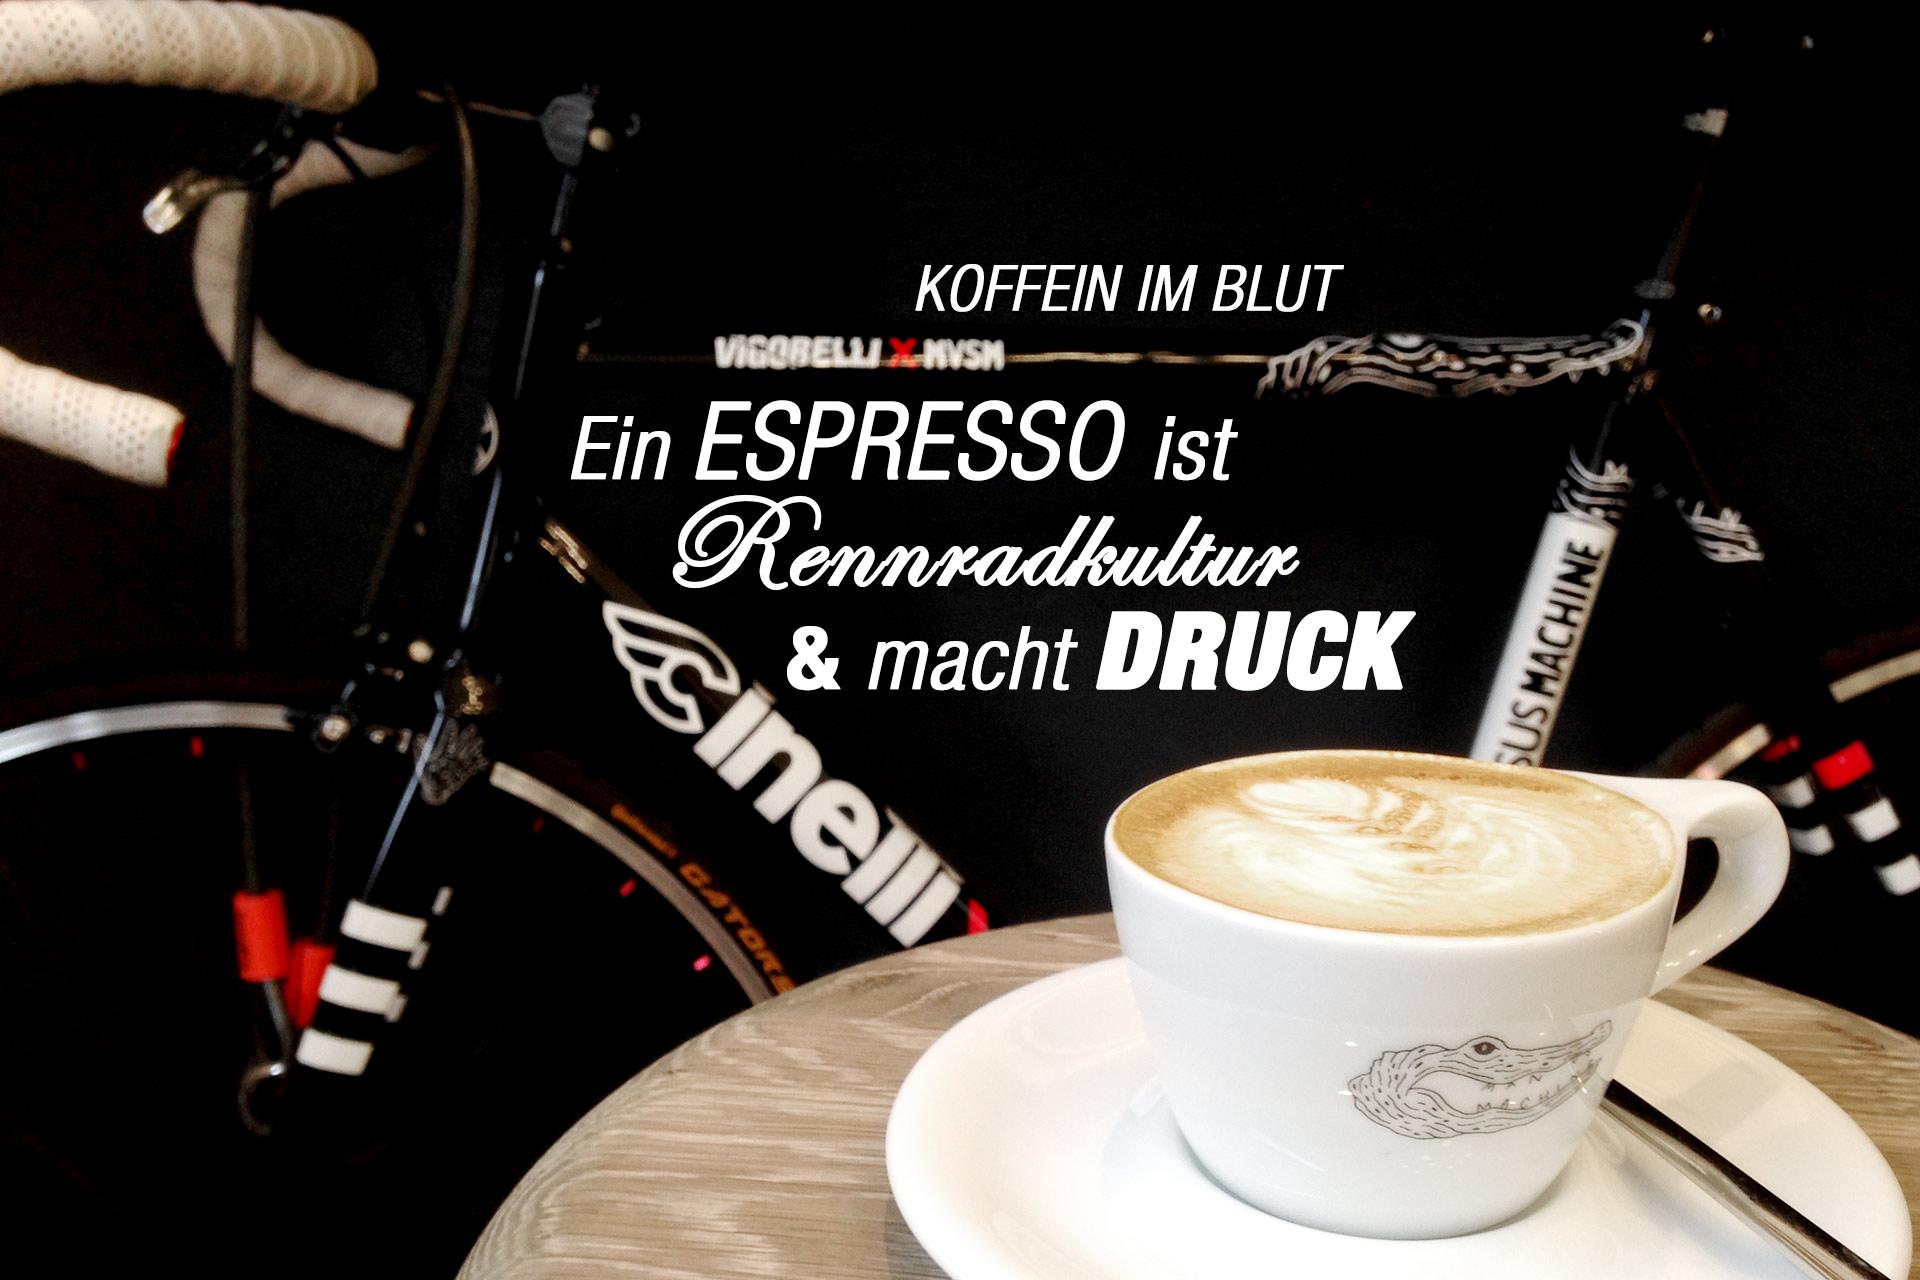 KOFFEIN IM BLUT – Ein Espresso ist Rennradkultur und gibt Druck: Cinelli und Cappuccino - ein Stück Italien und Rennradkultur im MAN VERSUS MACHINE ©stefandrexl.de